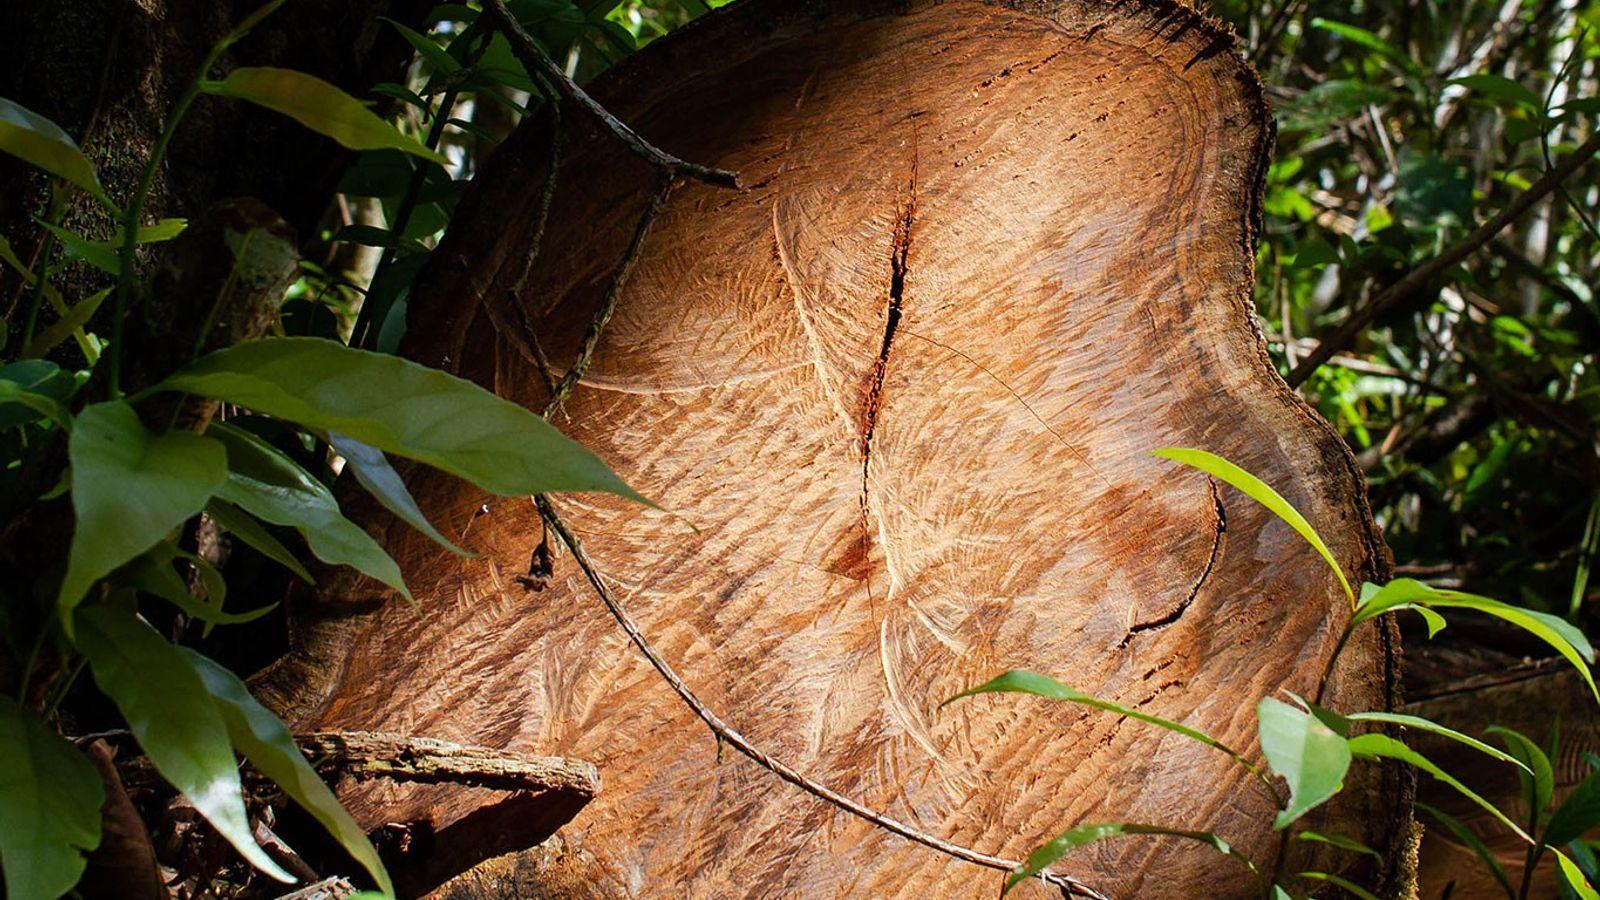 El rosul, duradero y fragante, utilizado para fabricar muebles e instrumentos musicales, es el producto silvestre ...